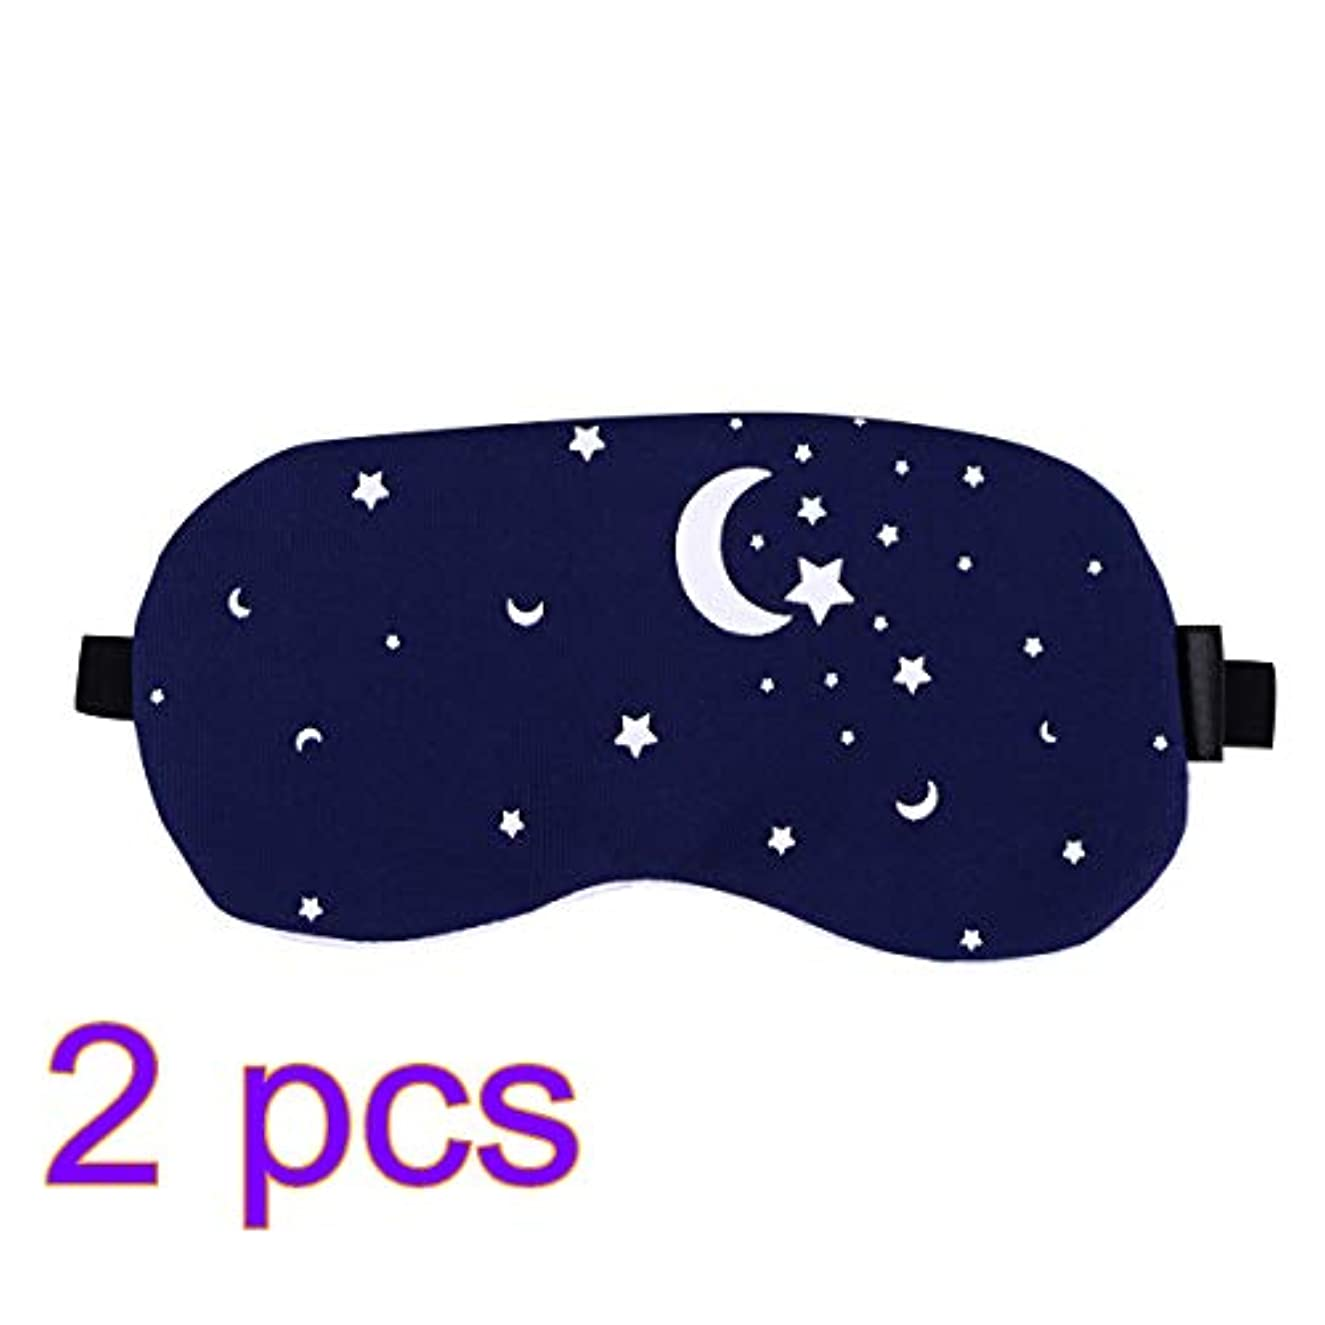 間章約設定Healifty コットンとリネンアイスリーピングマスクブラインドパッチアジャストストラップコールド/ホットジェルストレス緩和用女性のためのふくらんでいる目の頭痛を解消2pcs(Starry Sky)